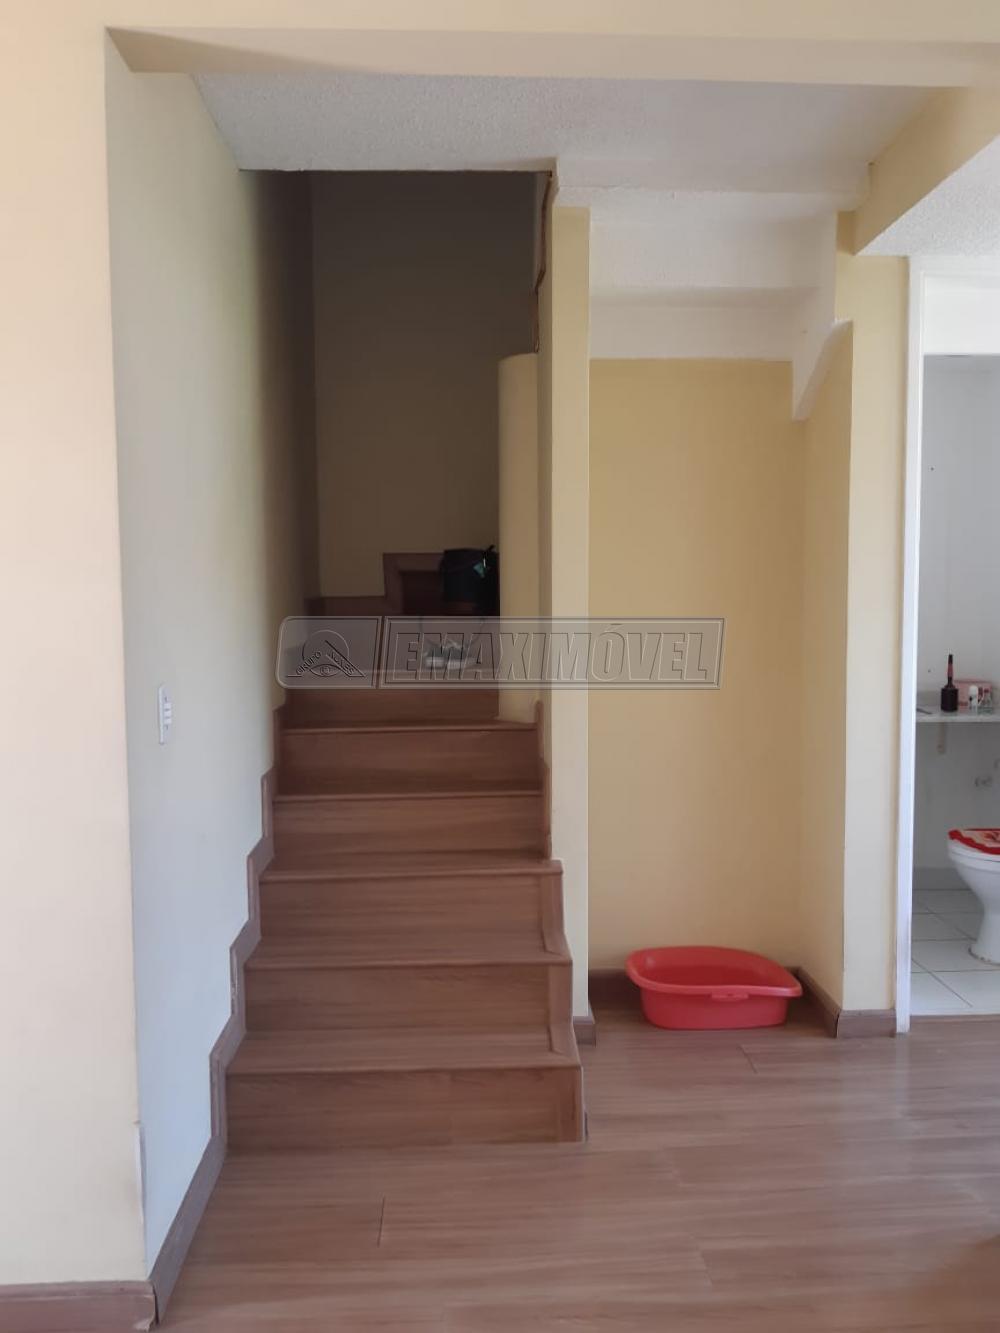 Comprar Casas / em Condomínios em Votorantim apenas R$ 350.000,00 - Foto 5